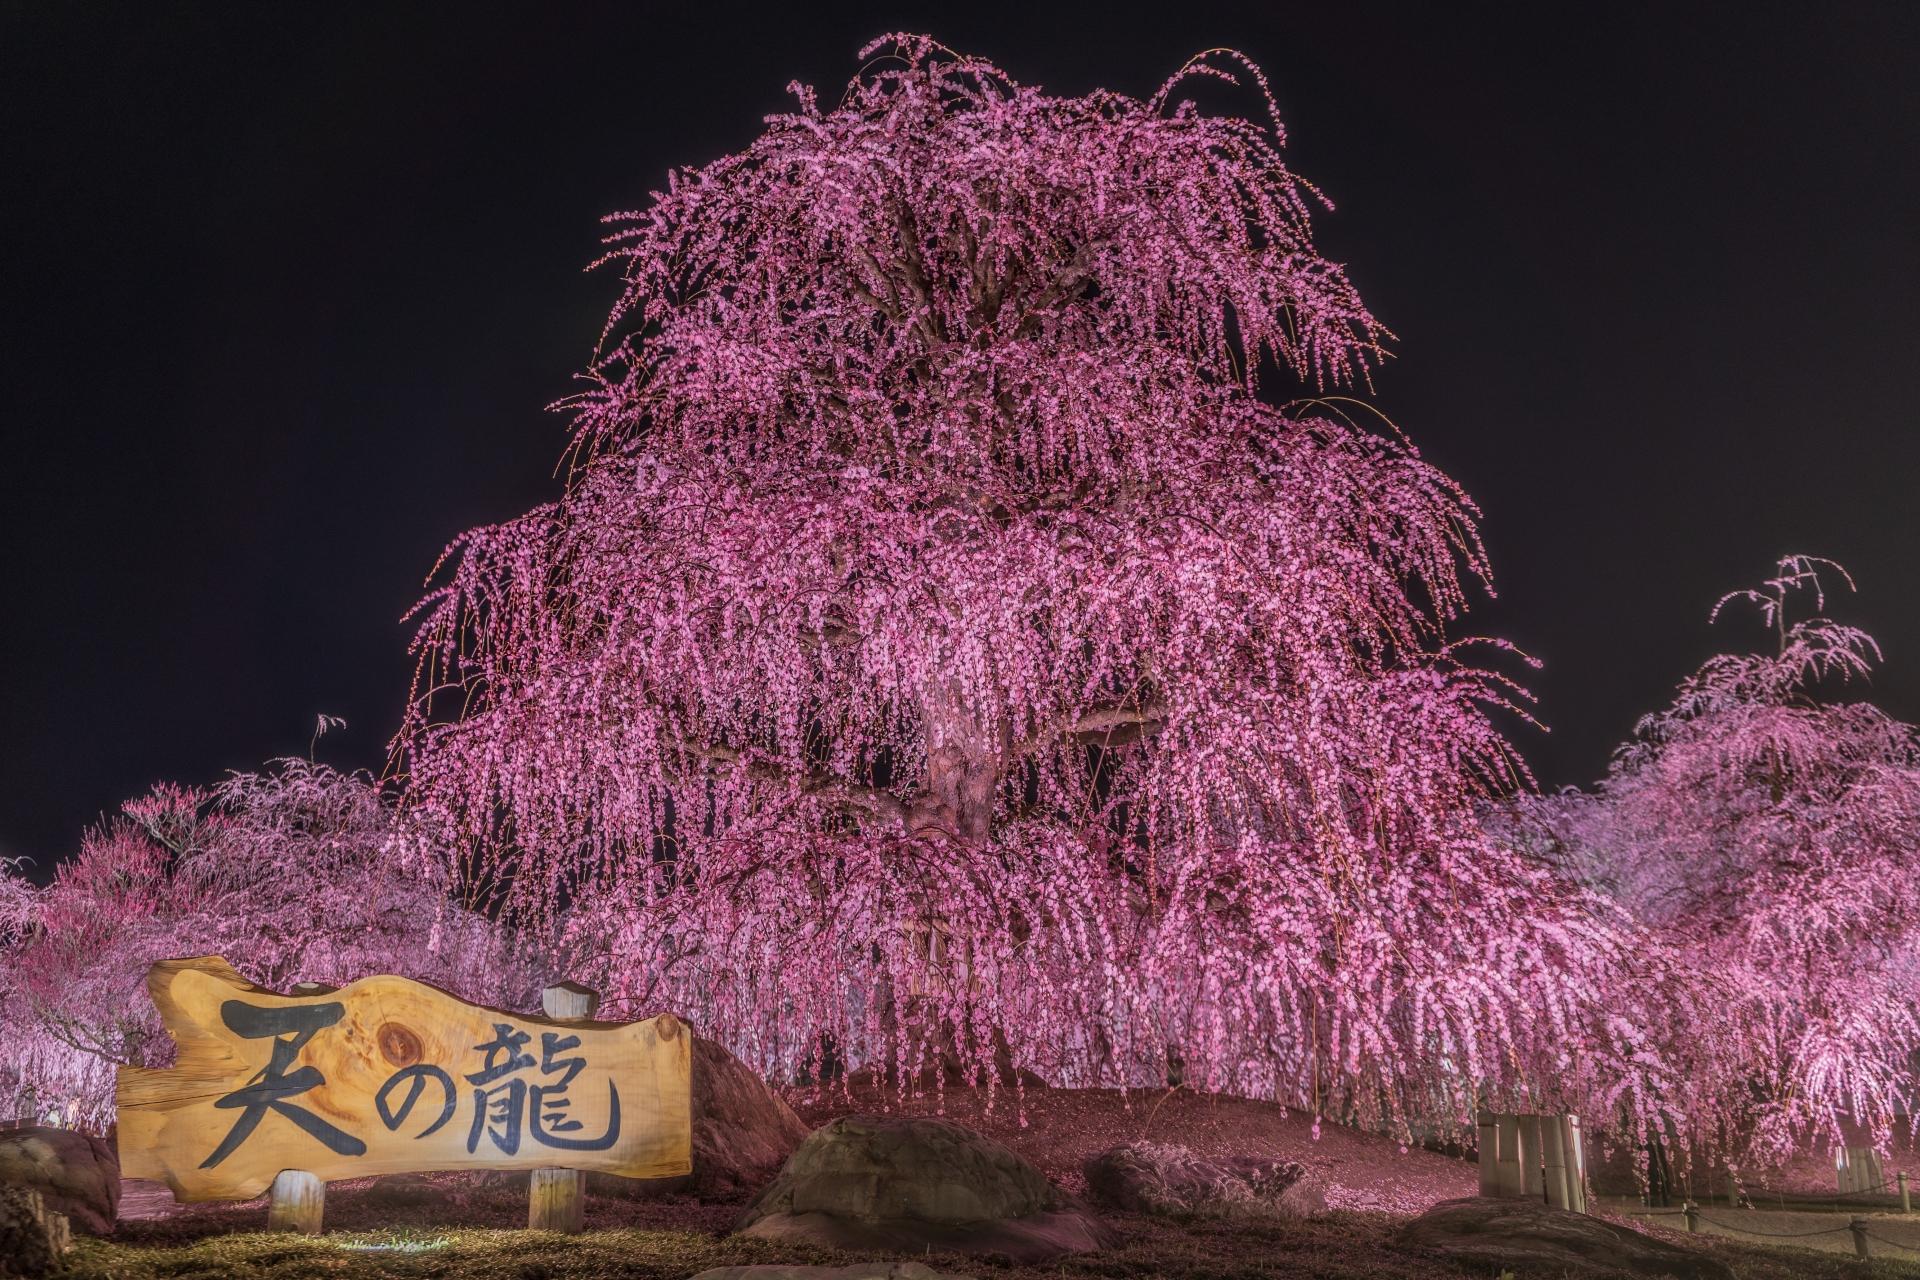 3269771_m 三重県  鈴鹿の森庭園(鈴鹿山脈を背景に彩る梅の絶景スポット! 夜間のライトアップも開催! 写真の紹介、アクセス情報や駐車場情報など)